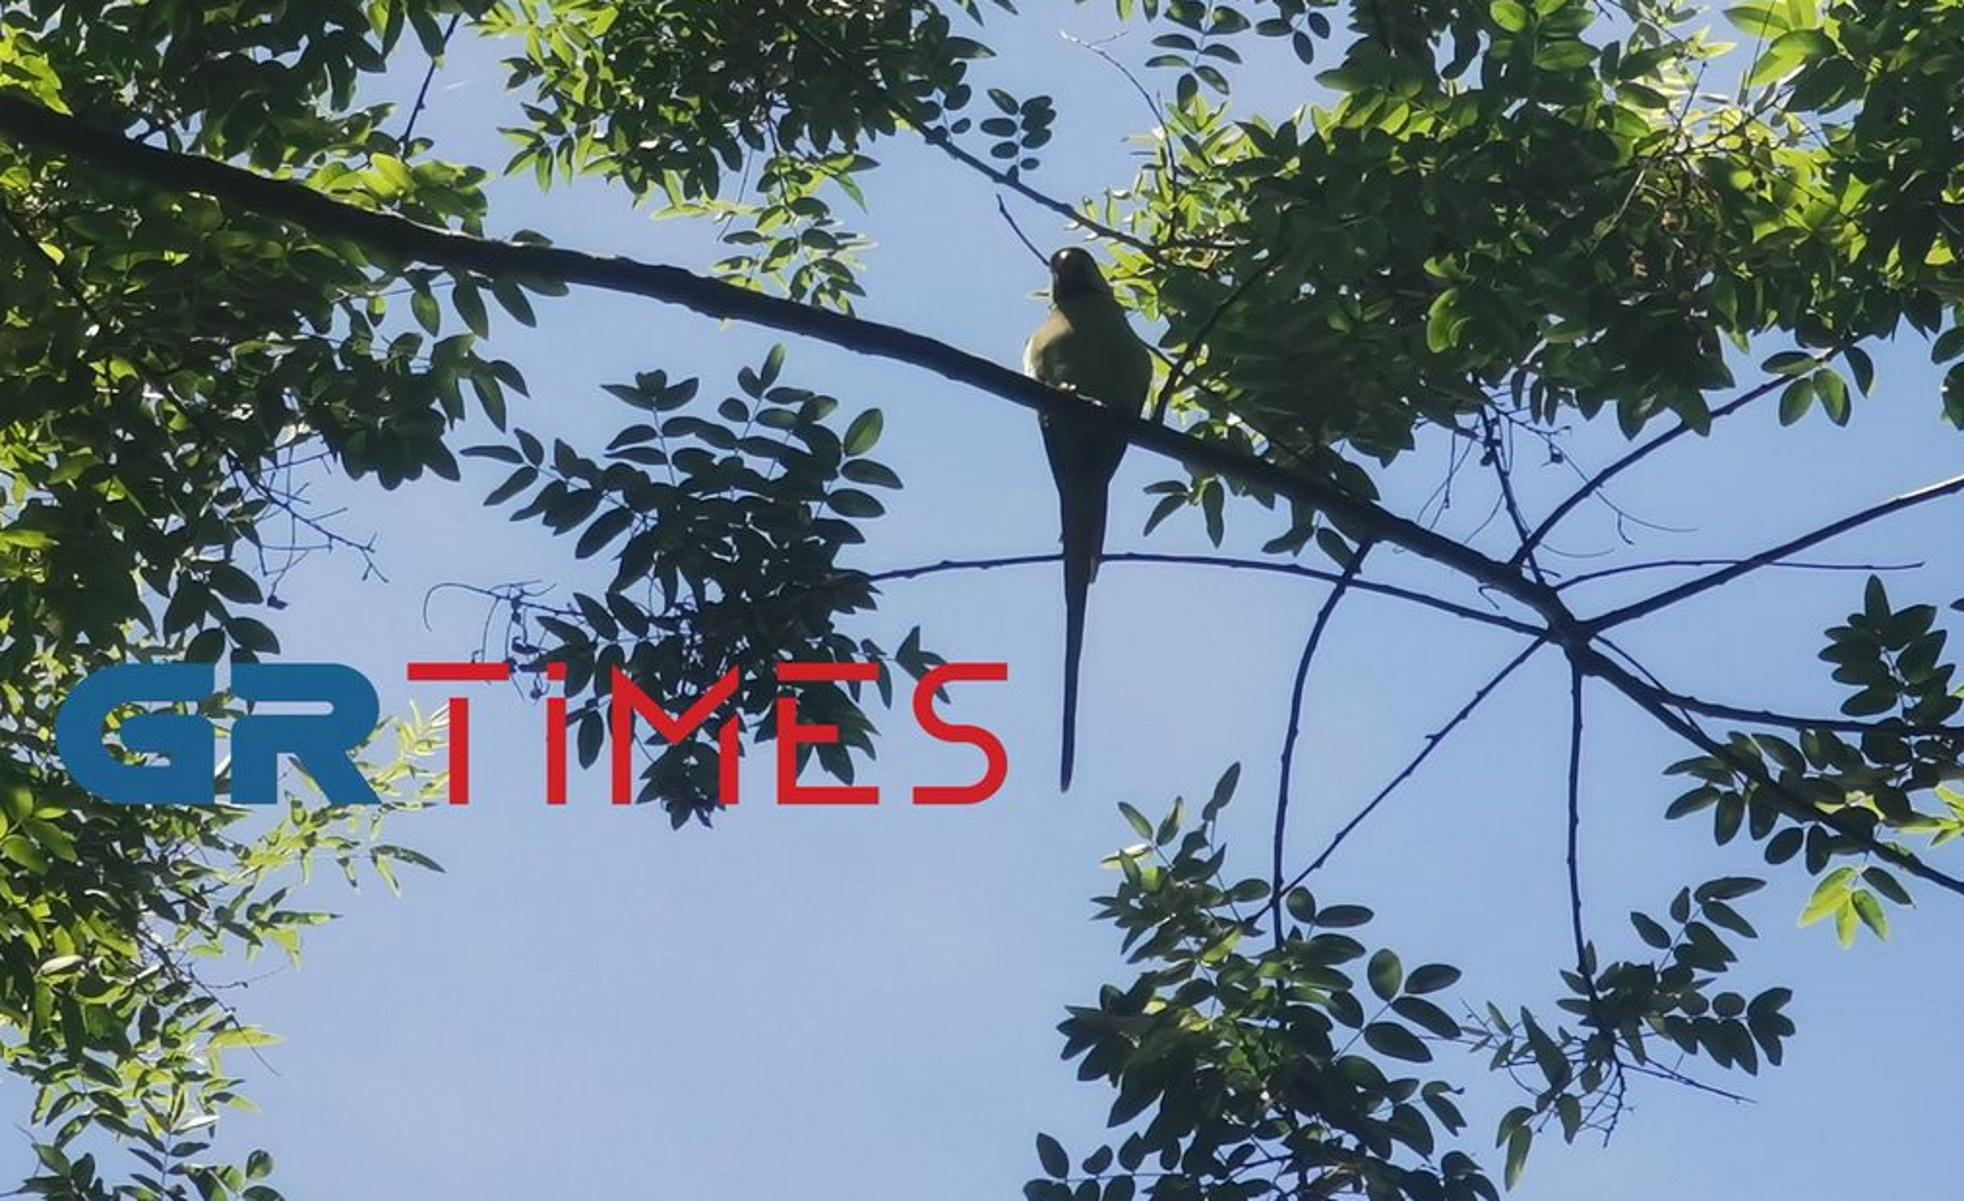 Πράσινοι εξωτικοί παπαγάλοι στη Θεσσαλονίκη – Εικόνες των πτηνών που εντυπωσιάζουν (pics, vid)